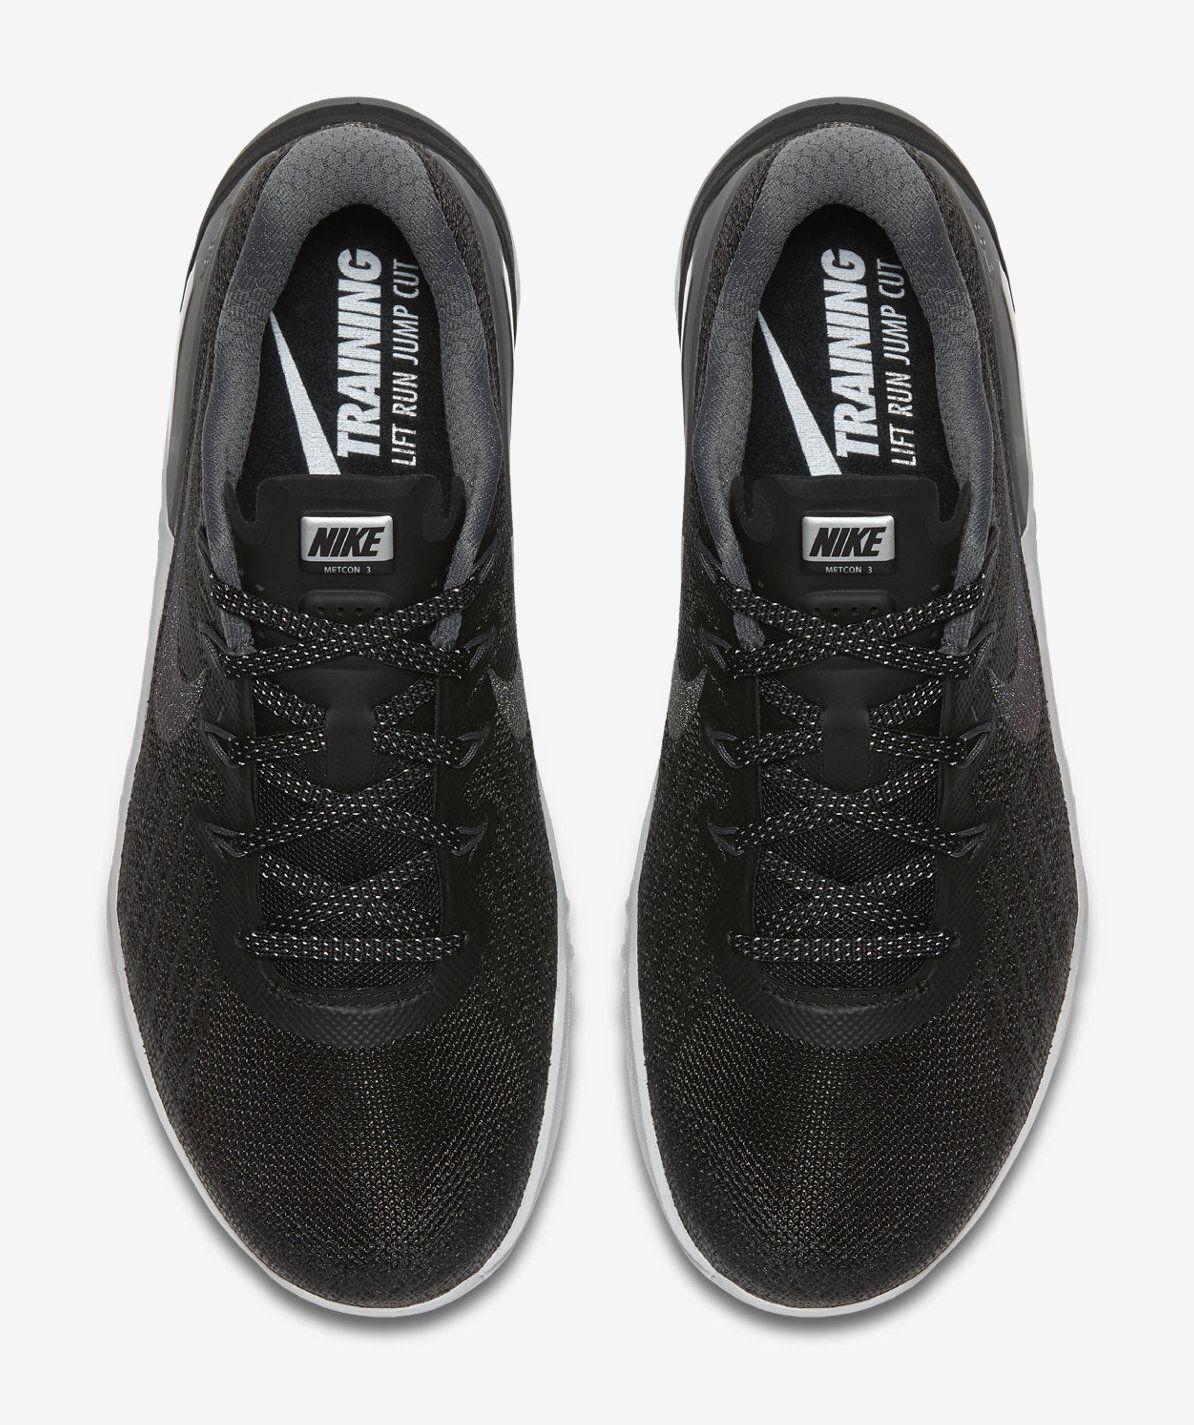 best website df19b 0a082 ... Nike Metcon 3 Metallic Women s Training Shoe 922880-001 922880-001  922880-001 ...